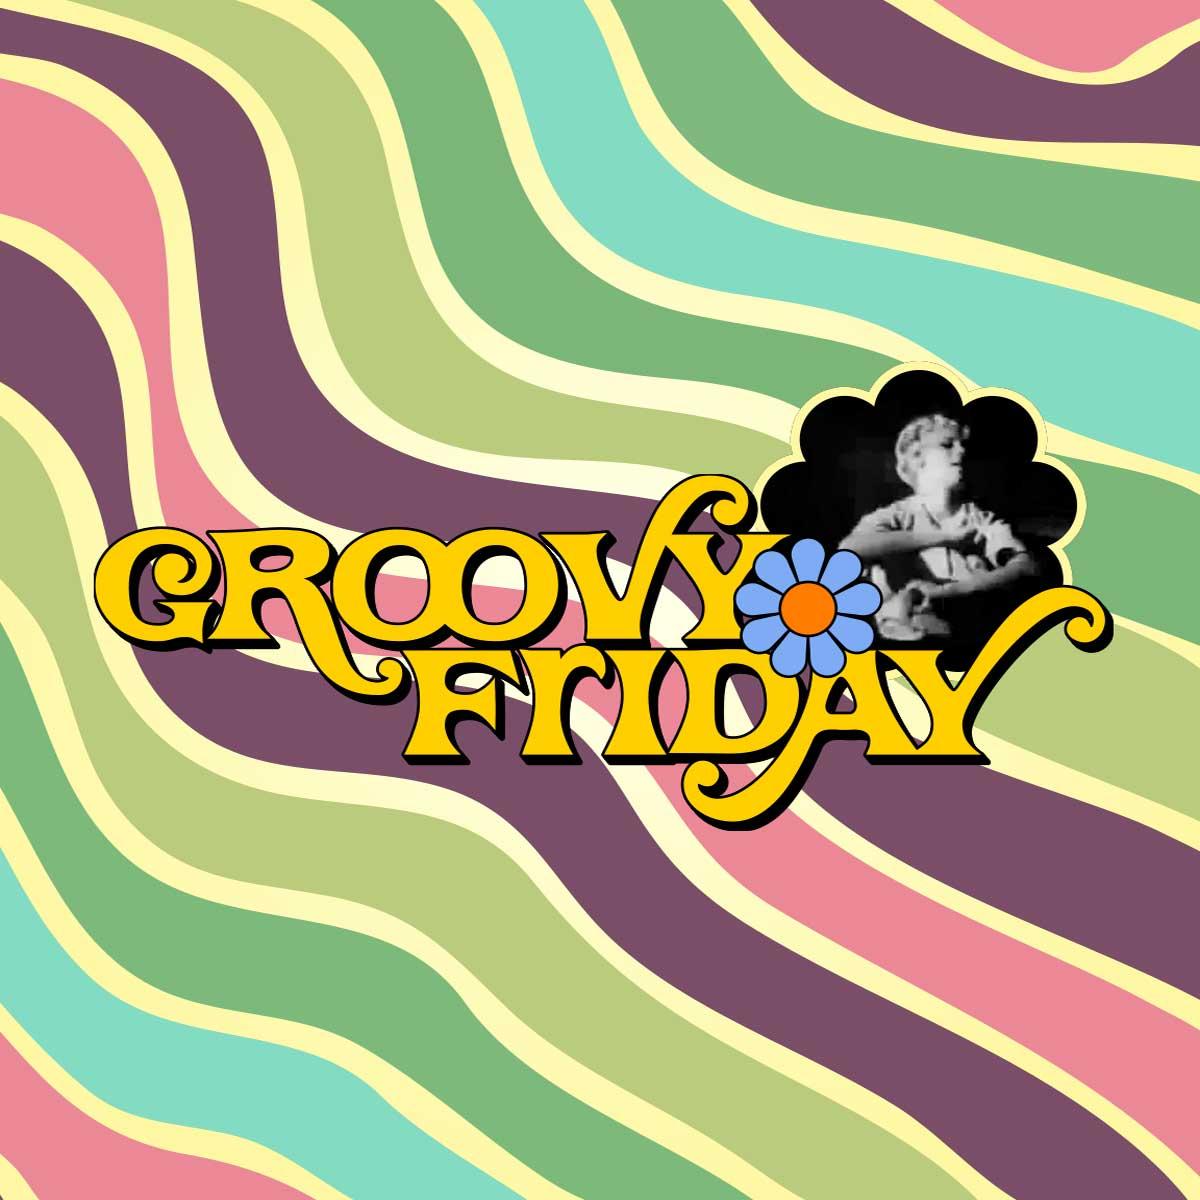 Groovy Friday - All I want for Christmas is a Go Go Girl